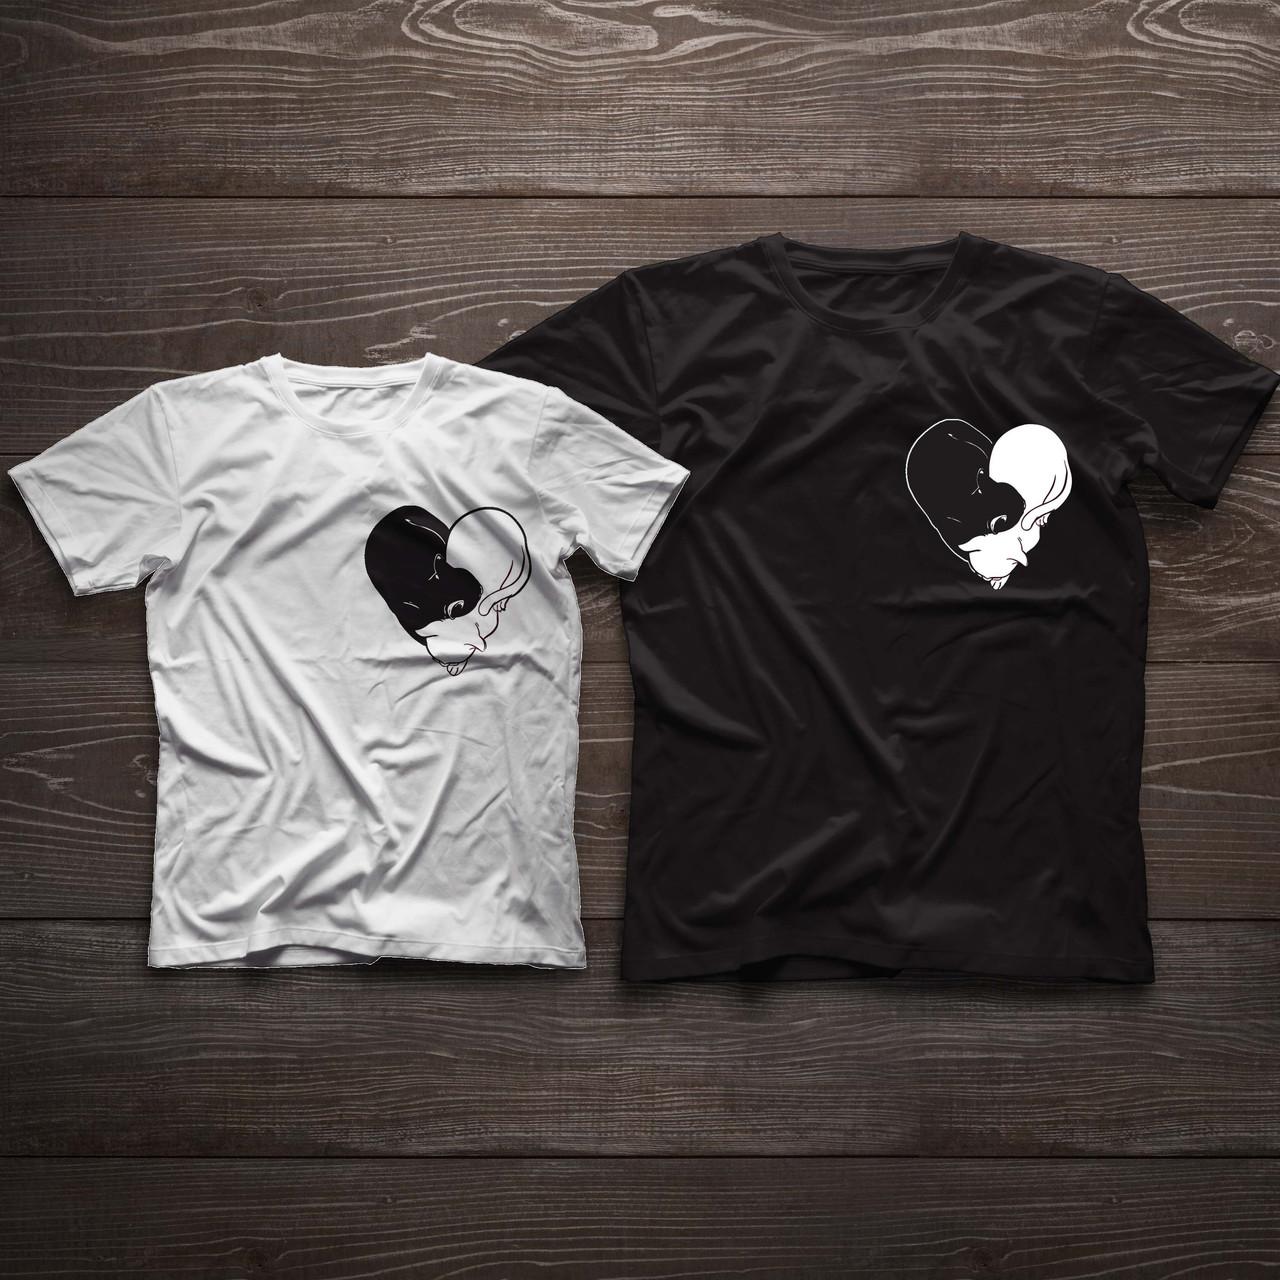 Парні футболочки ручного розпису «Коти» - Shoester - обувь,сумки и аксессуары из Польши. Прямой поставщик в Львове